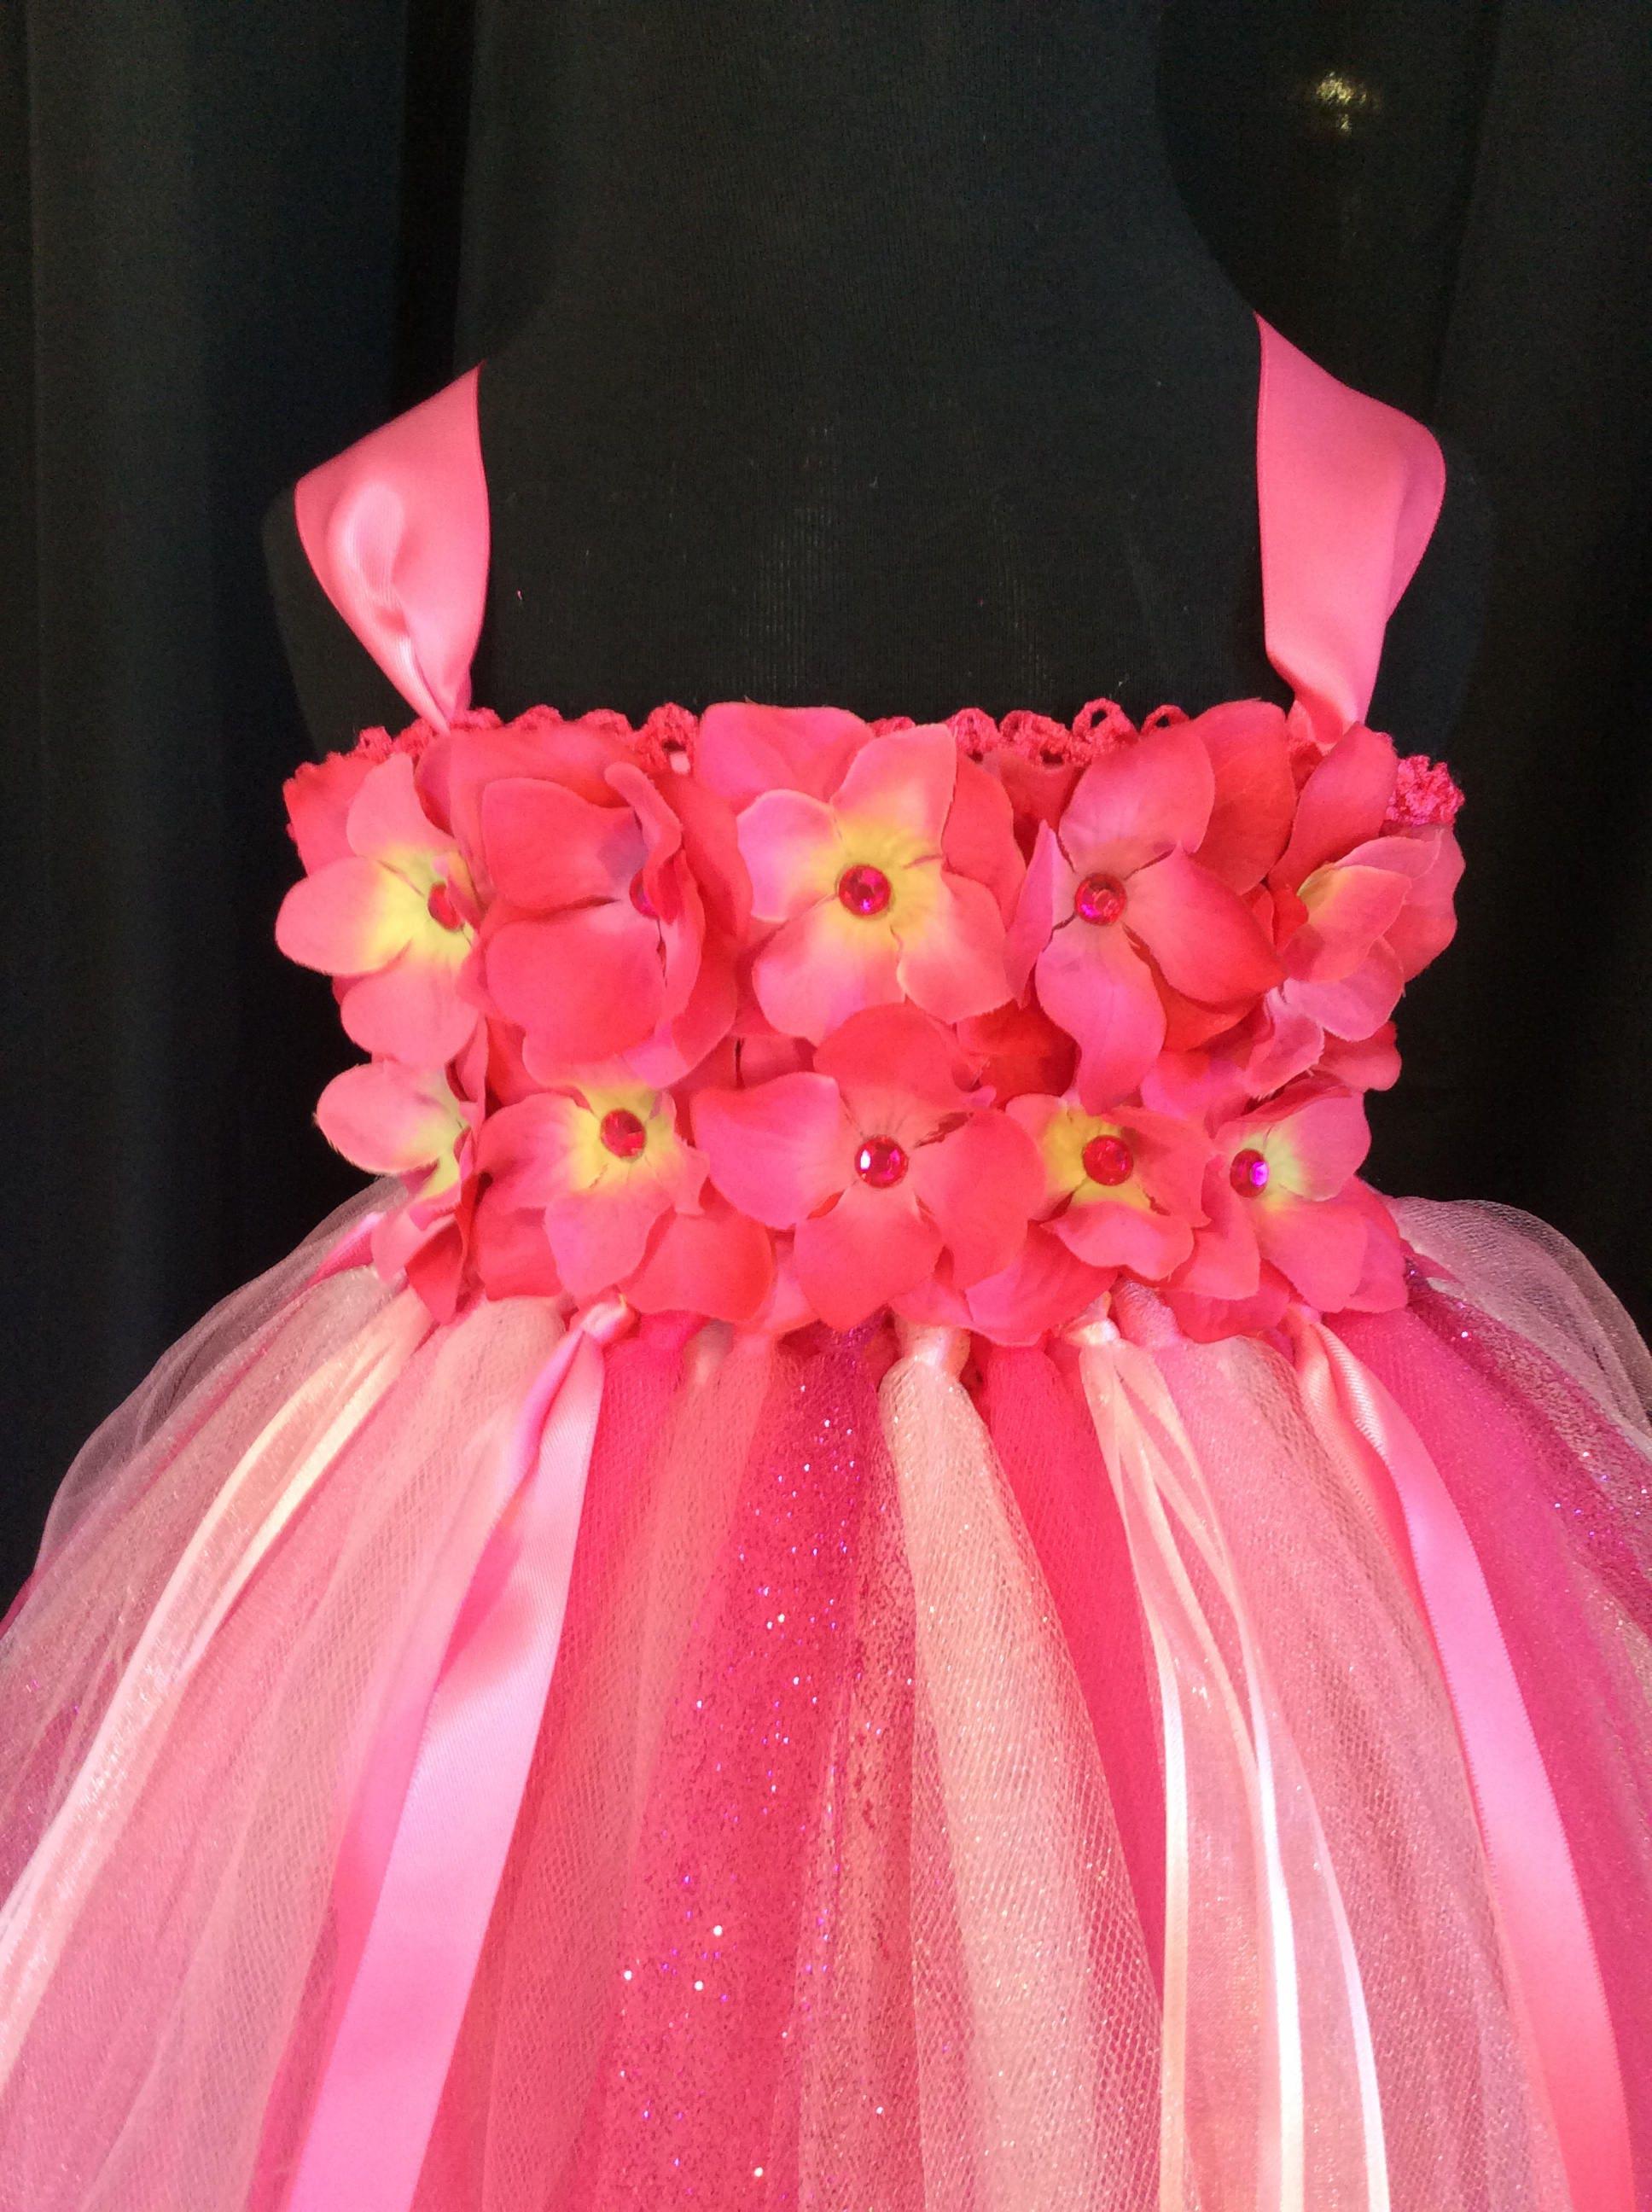 Bright pink flower girl dress tulle flower girl dress tutu dress pink flower girl dress gallery photo gallery photo gallery photo mightylinksfo Gallery